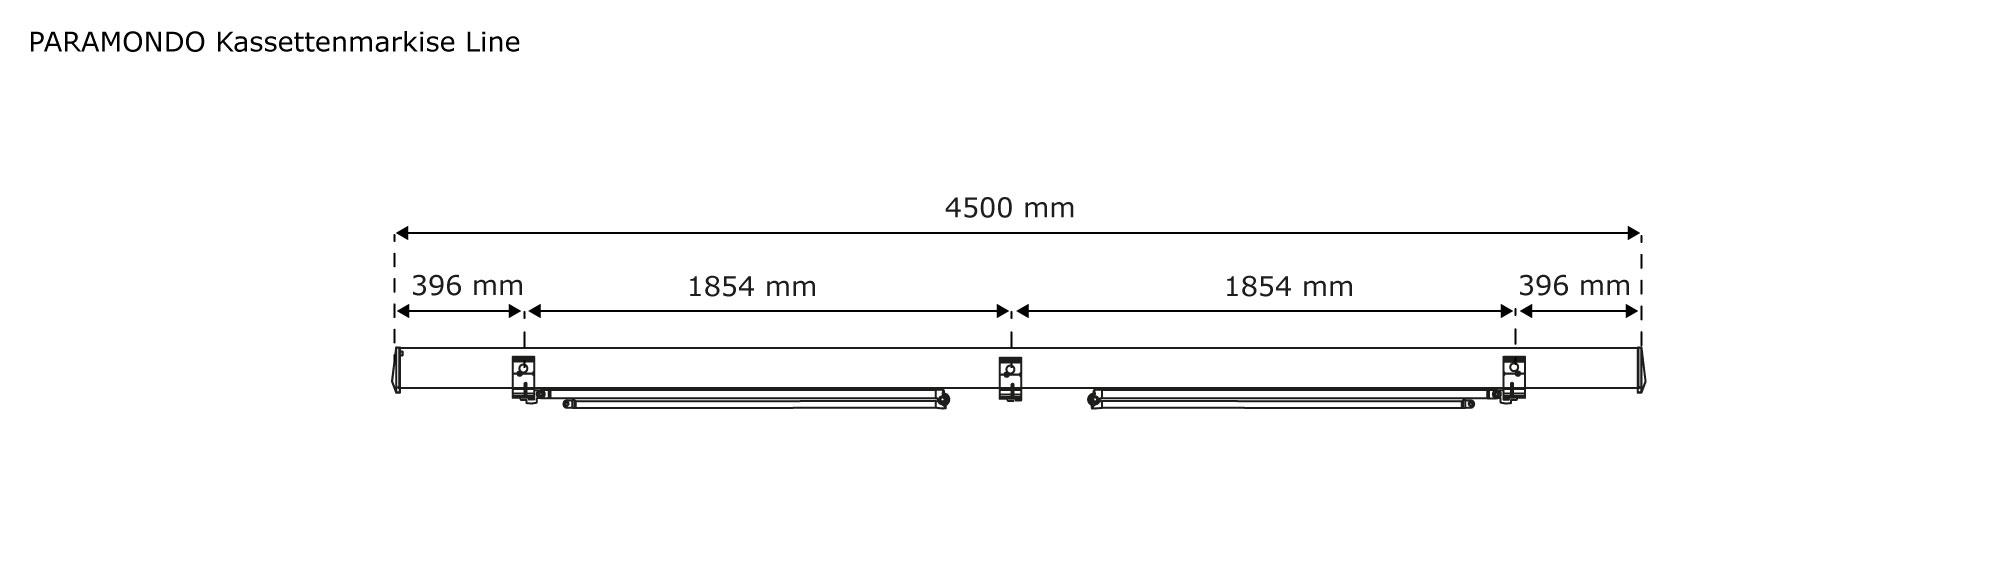 Markise-Kassettenmarkise-Sonnenschutz-elektrisch-4-50x3-m-Line-paramondo-B-Ware Indexbild 10